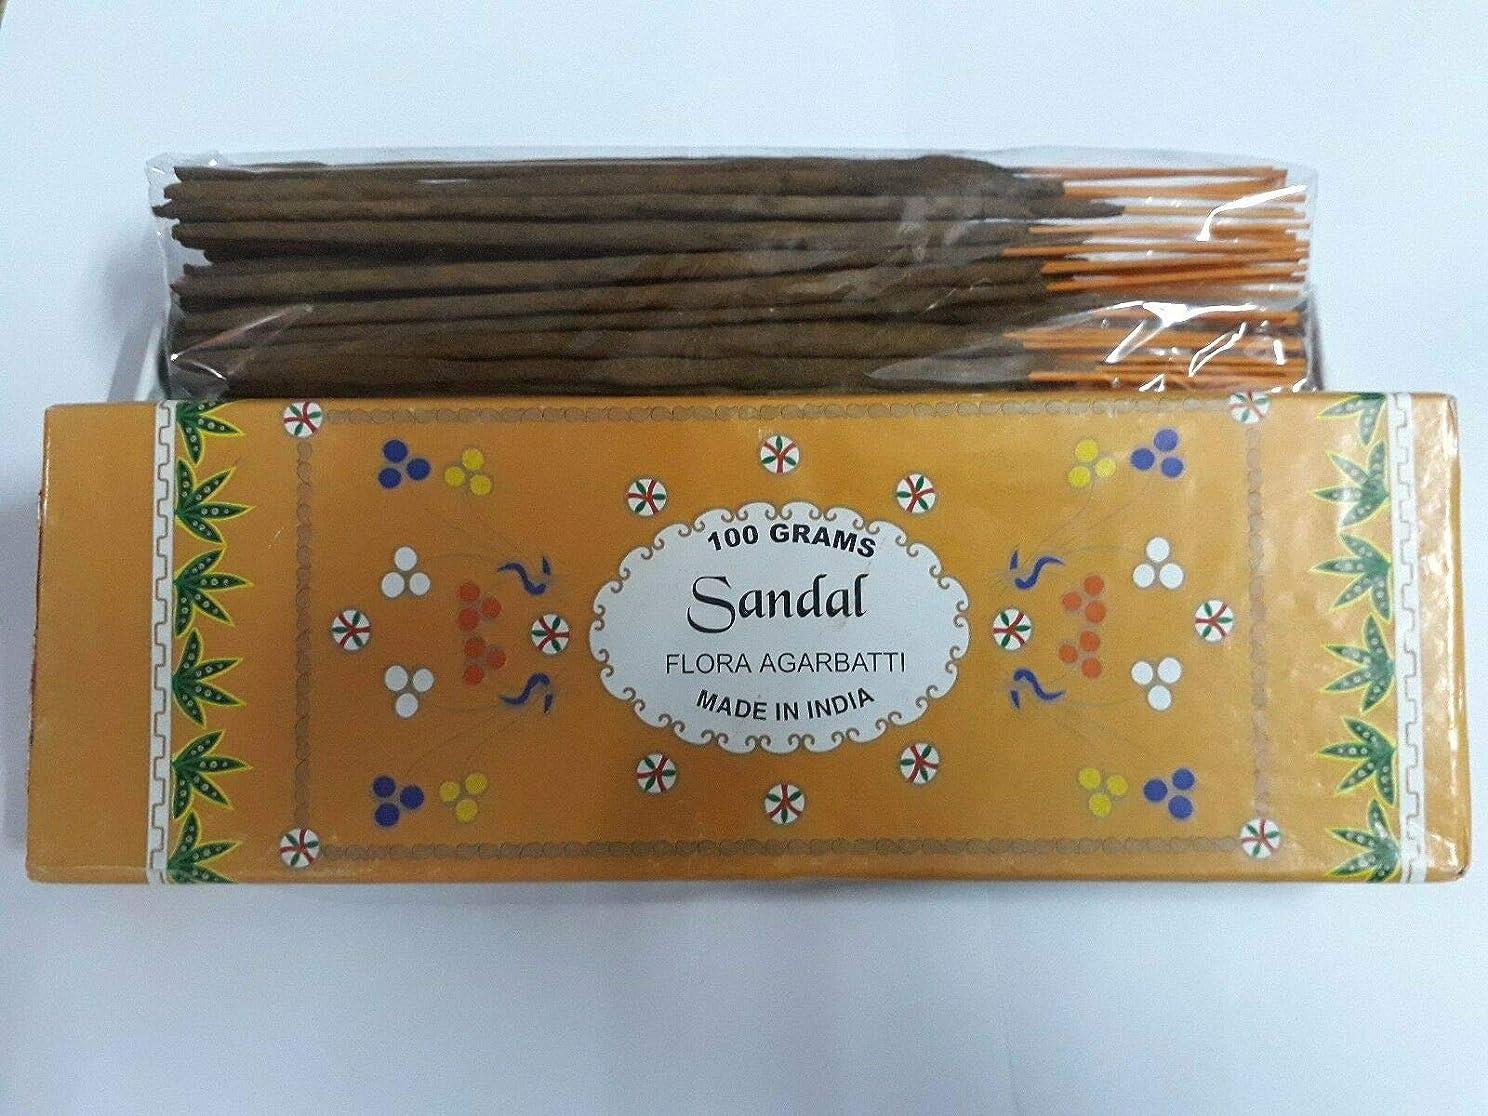 爵真珠のような抑止するSandal (Chandan) サンダル Agarbatti Incense Sticks 線香 100 grams Flora Incense Agarbatti フローラ線香